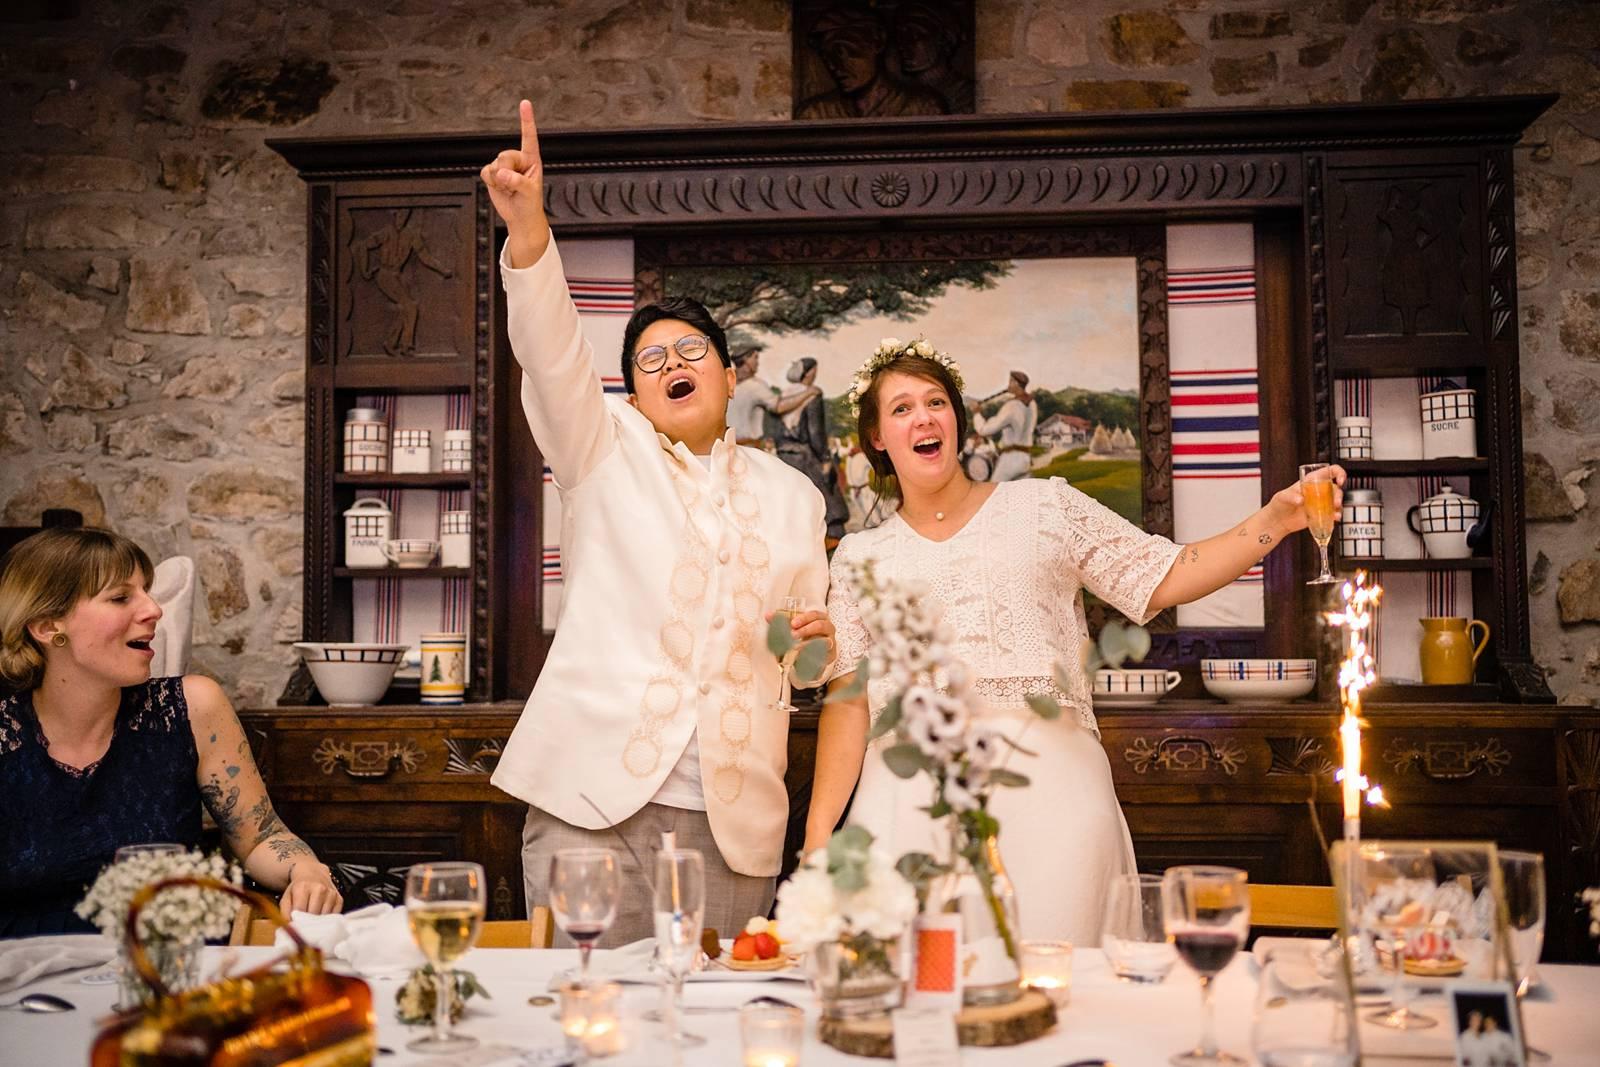 L'aperçu du mariage laïque franco-philippin de E+A à Bidart puis de la cérémonie Laïque à la Ferme Inharria au Pays Basque. Alexandre Roschewitz Photographe.